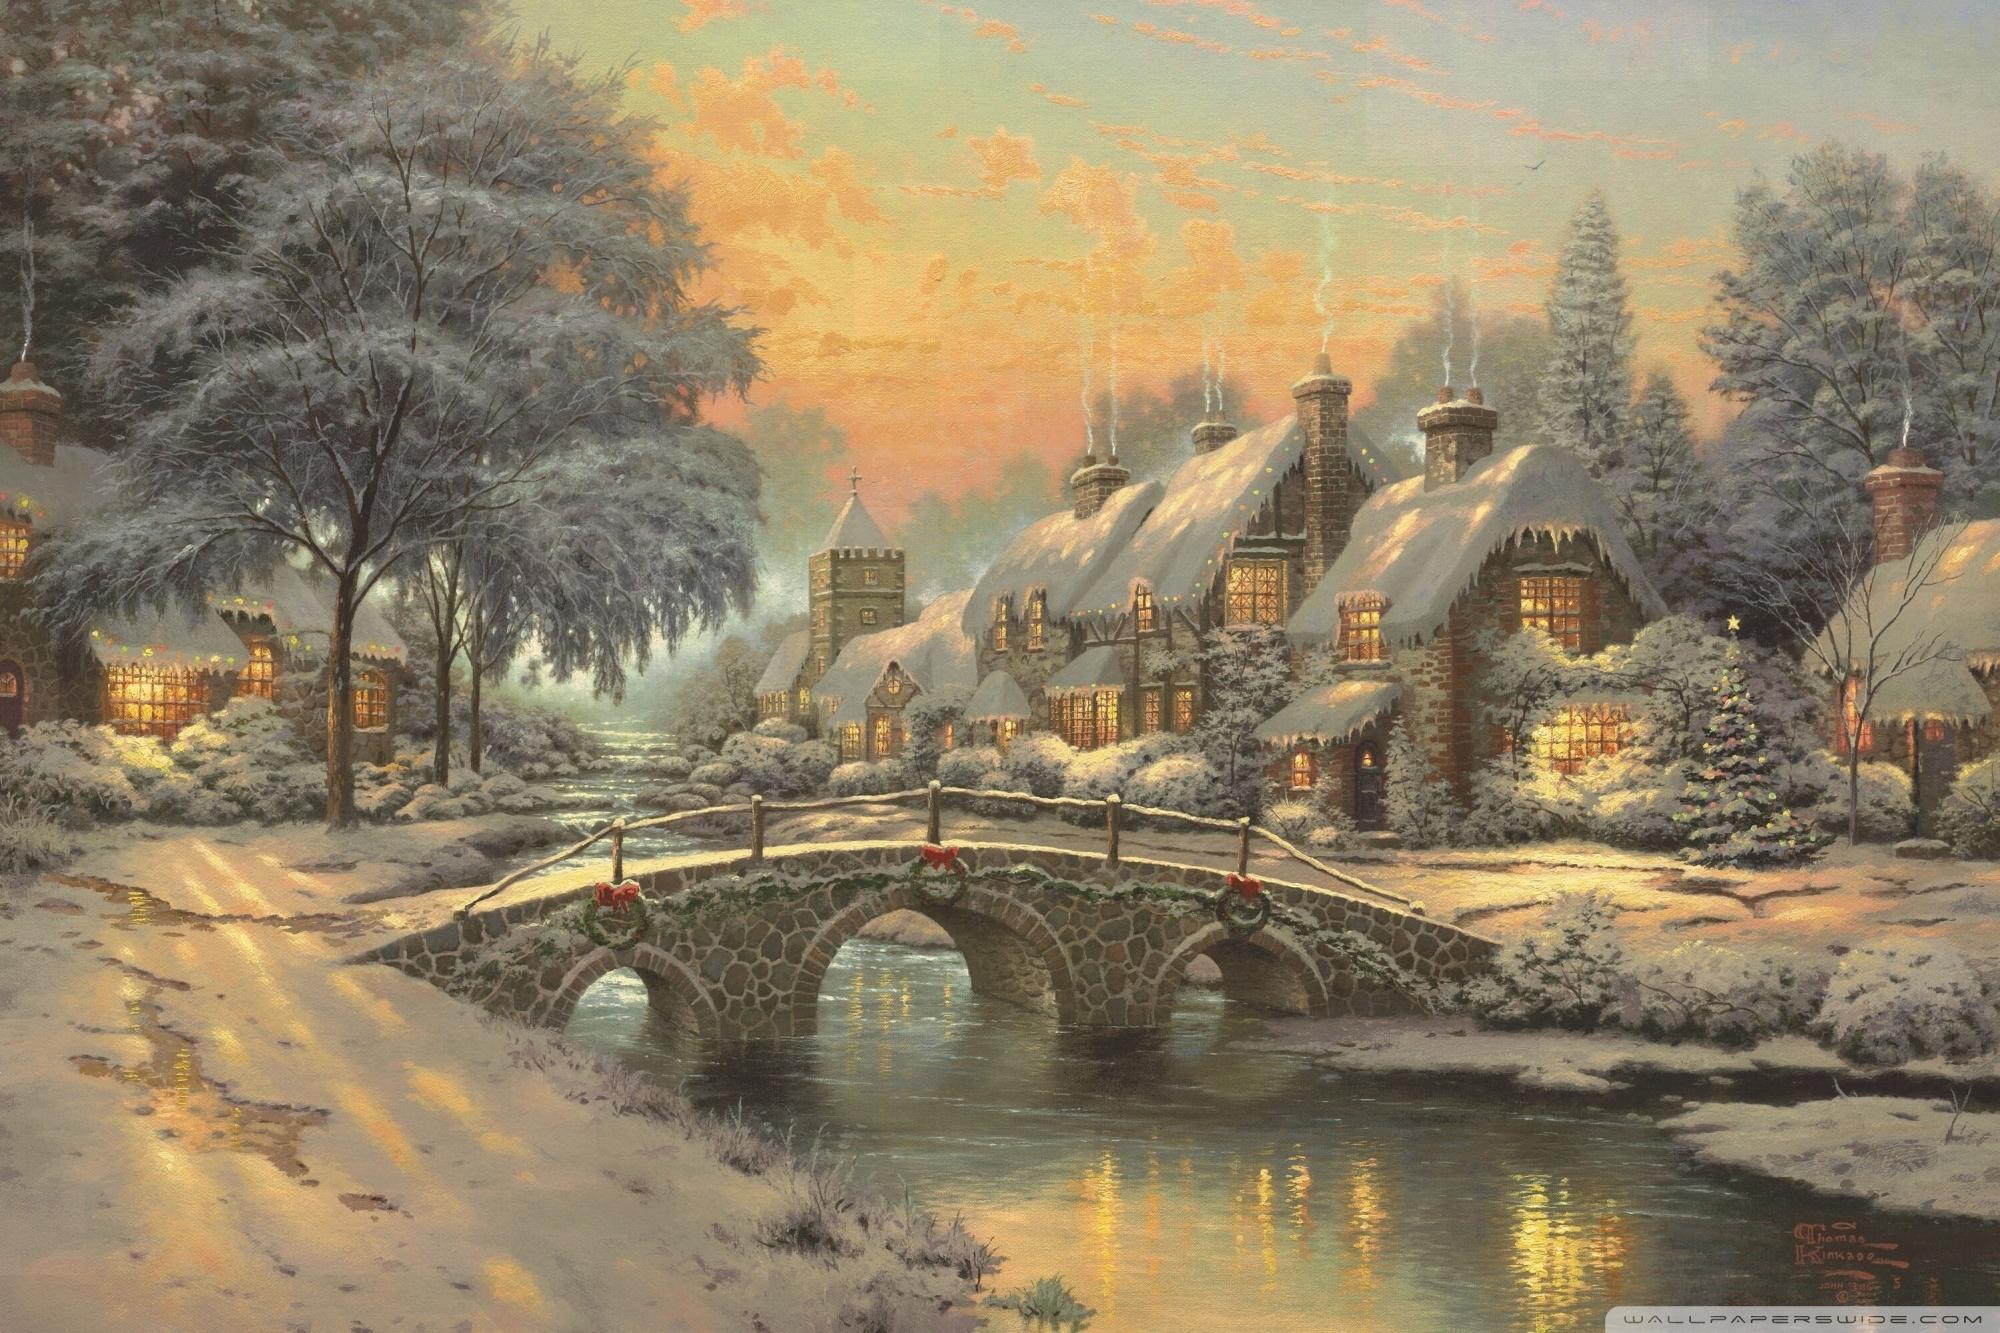 classic christmas paintingthomas kinkade ❤ 4k hd desktop